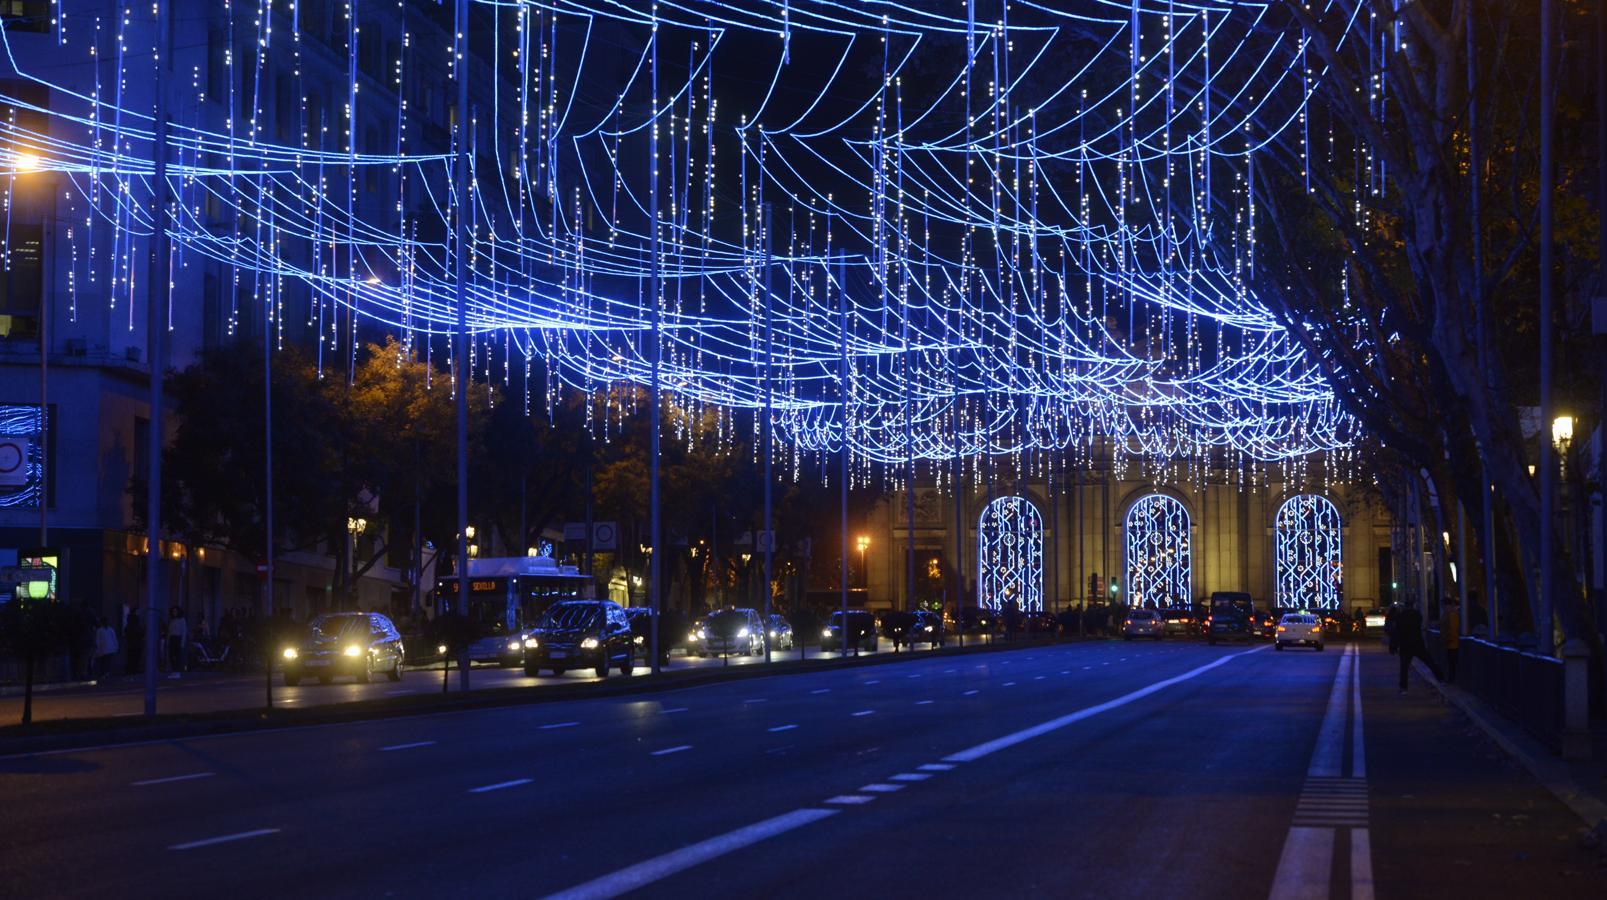 Las luces de Navidad se han encendido este viernes en la almendra central a las 18:30 horas